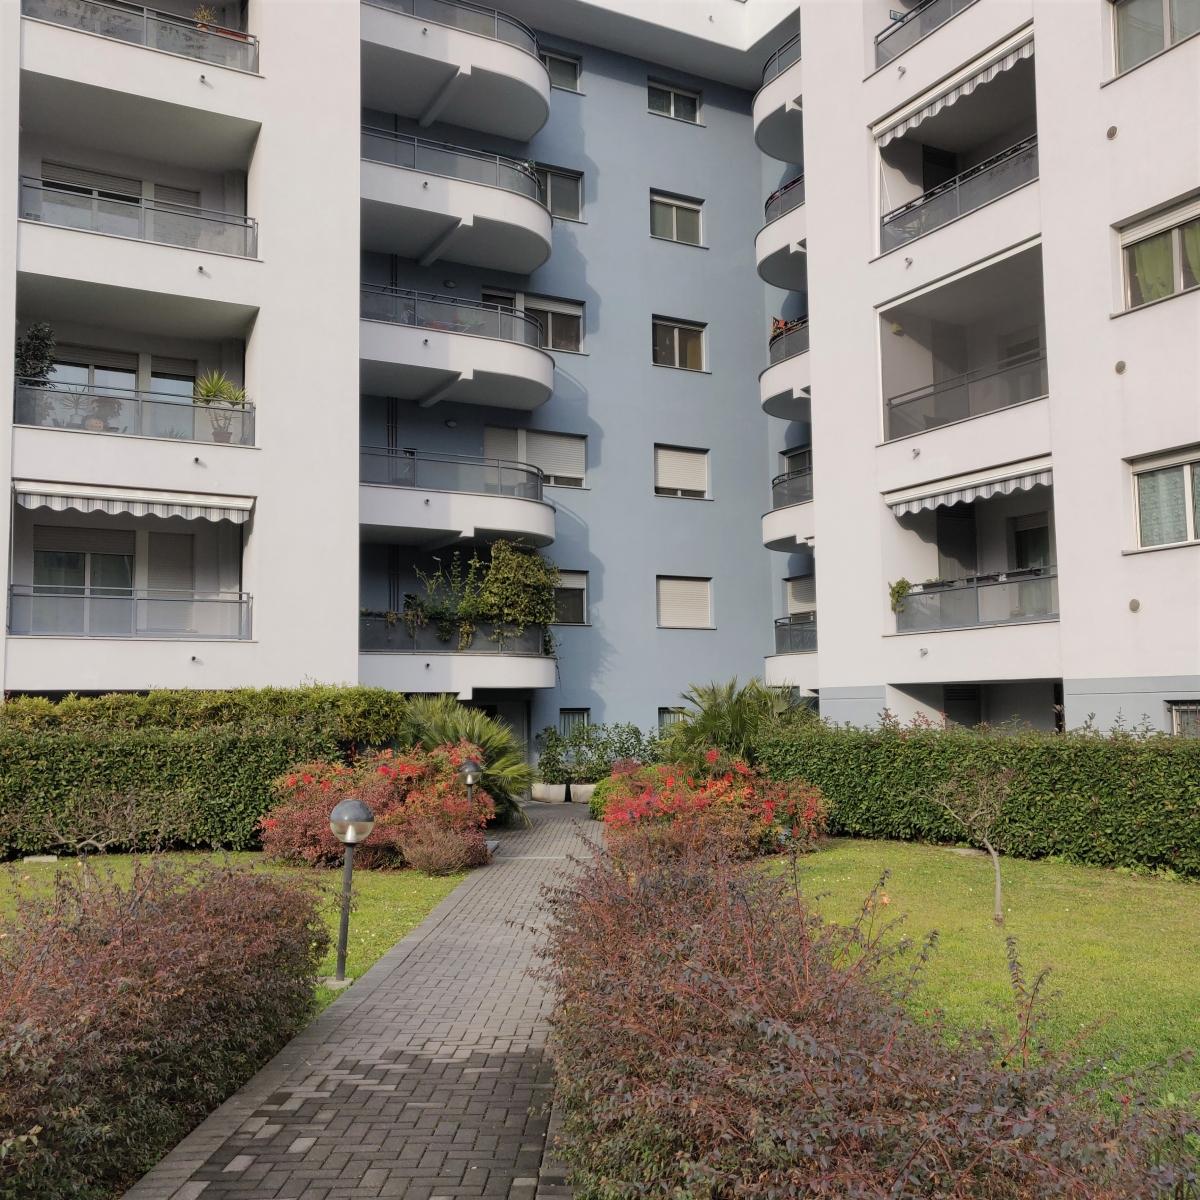 appartamento-in-vendita-milano-via-forze-armate-recente-costruzione-4-locali-spaziourbano-immobiliare-vende-5